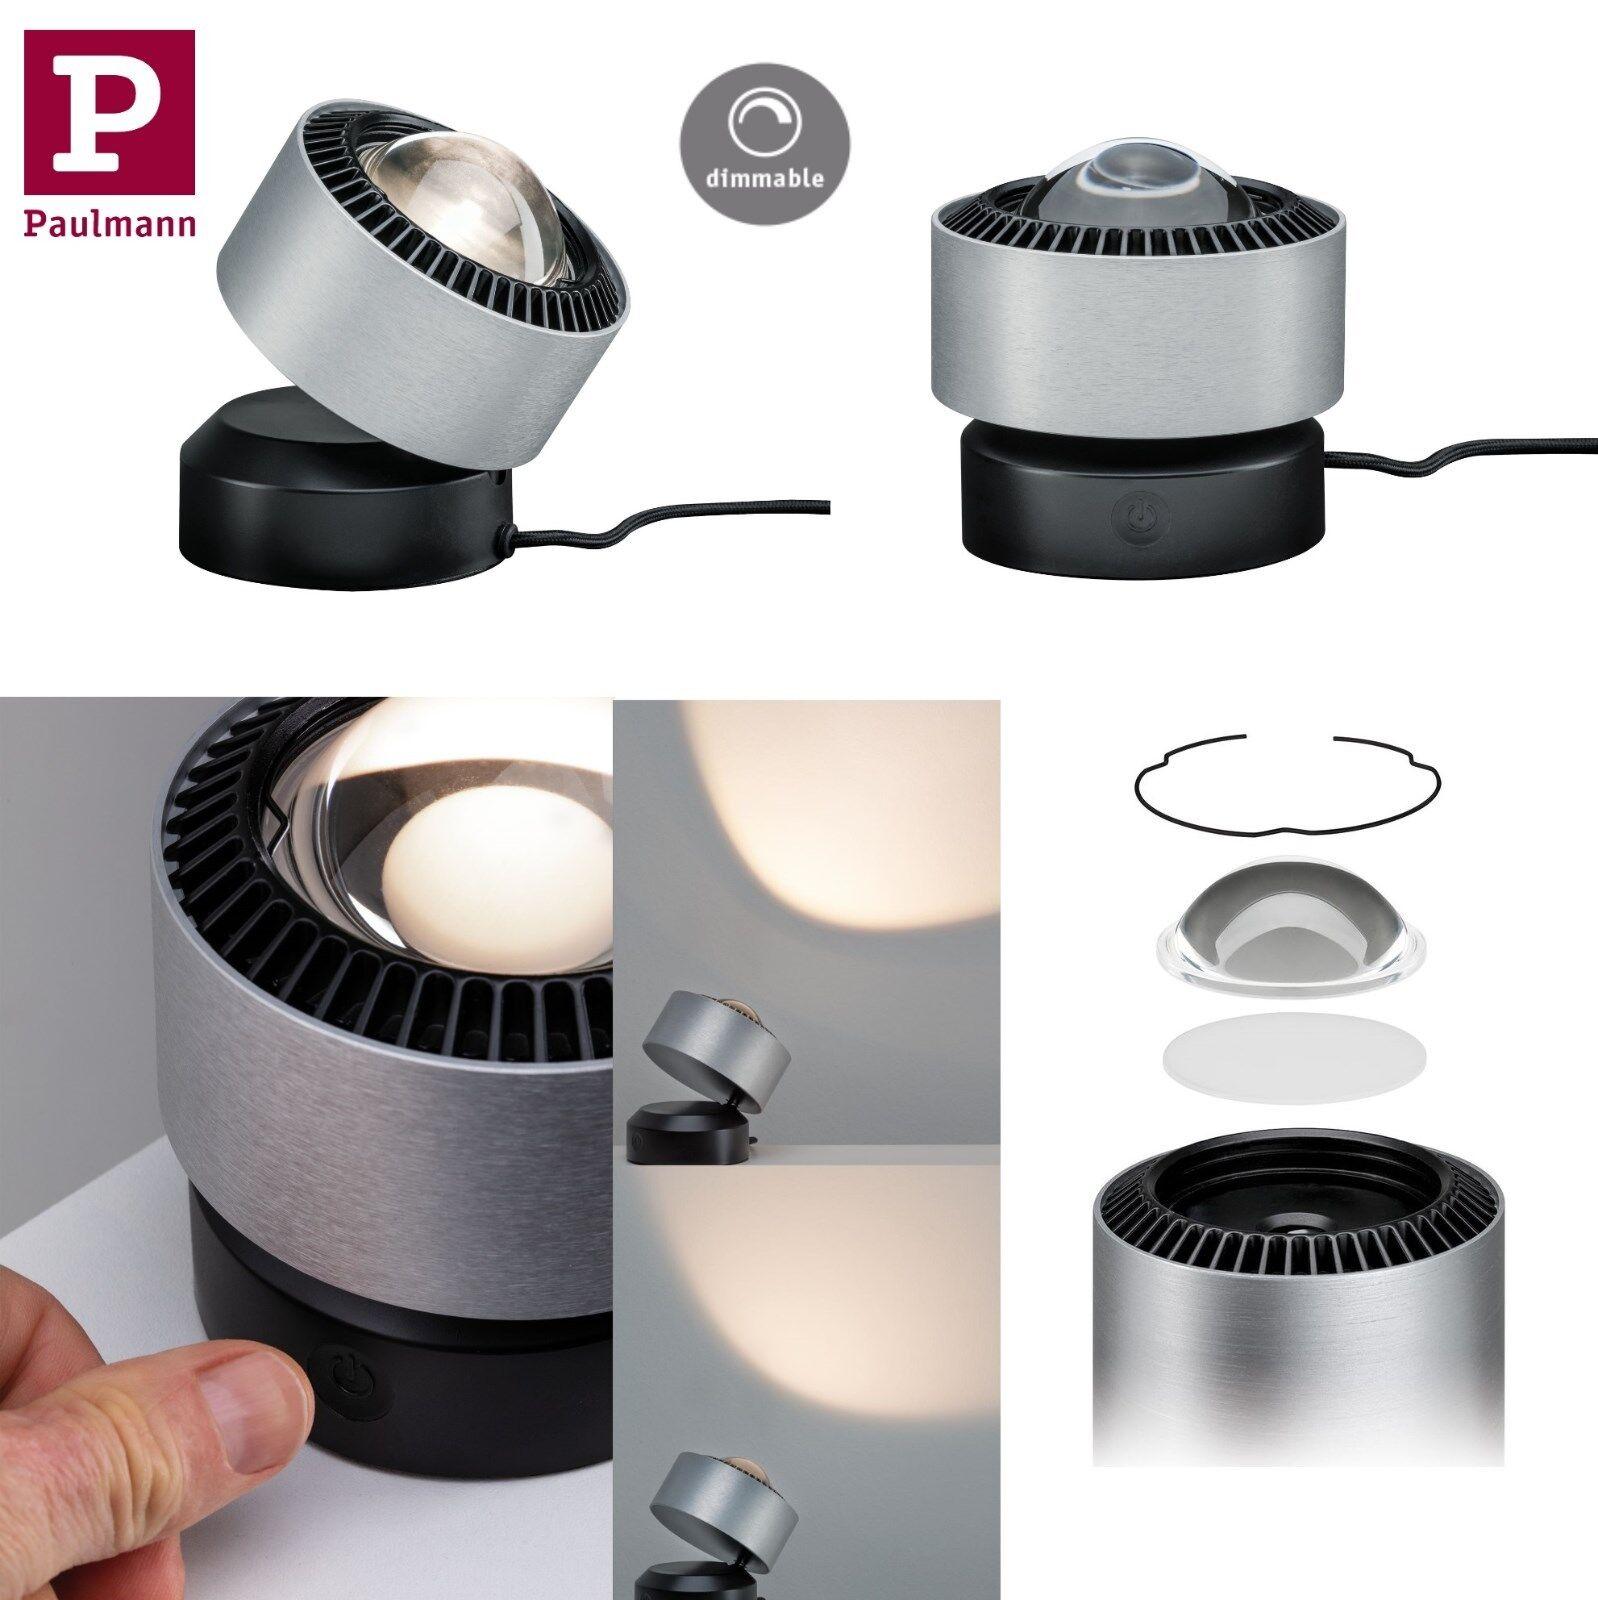 Paulmann LED Tischleuchte Aldan 3,5W Schwarz Alu gebür. mit Stufen Touch Dimmer